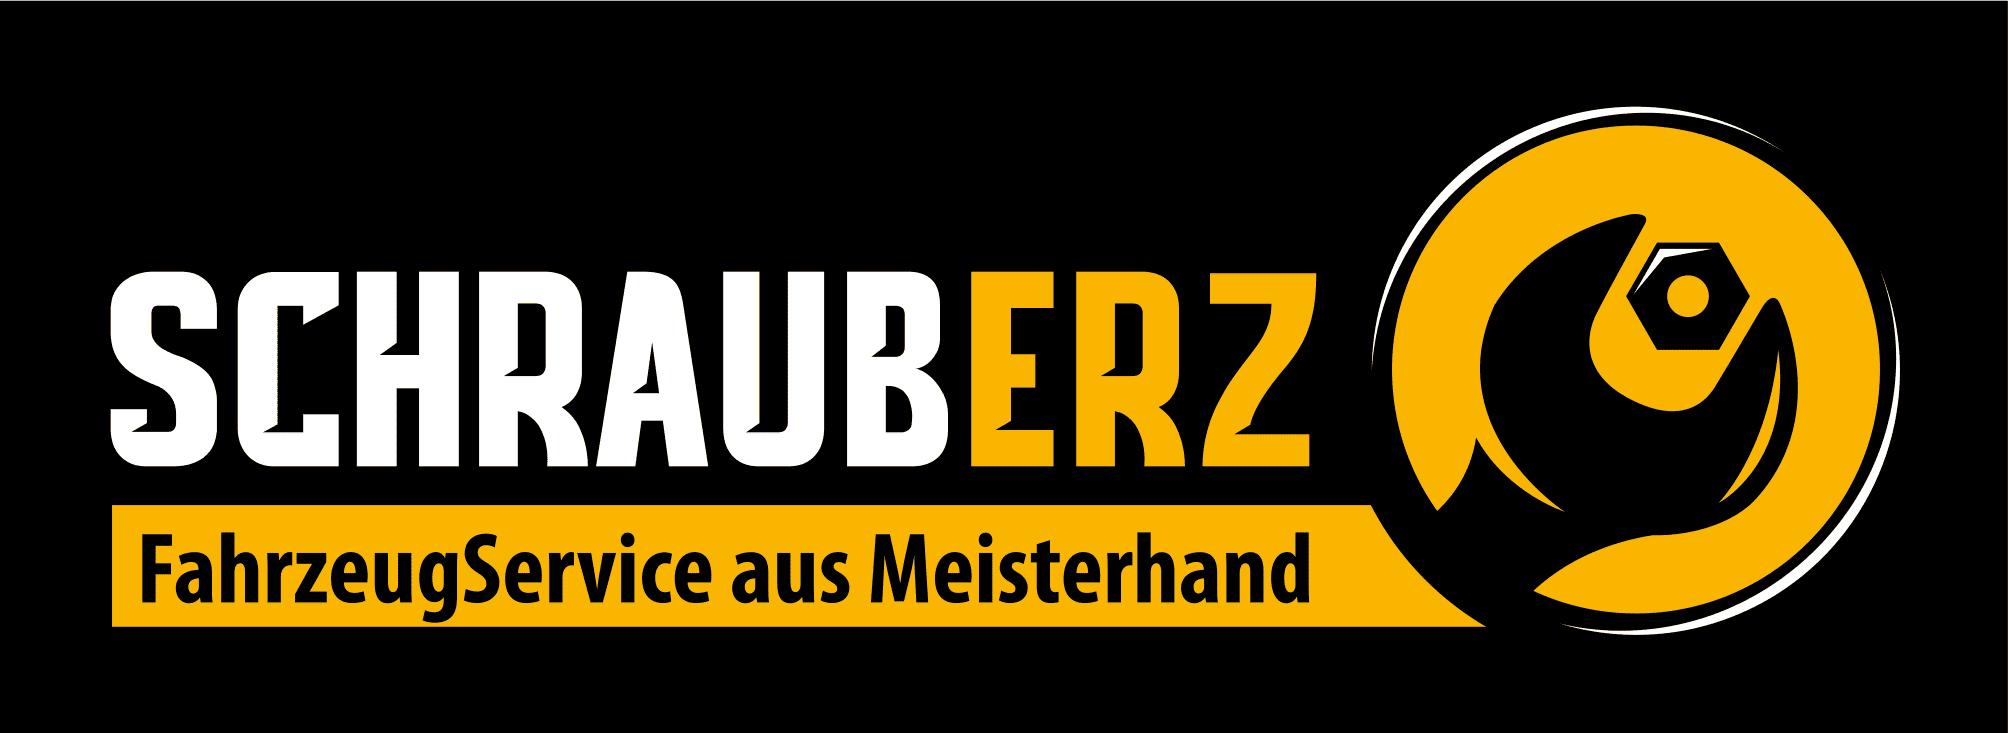 Logo SCHRAUBERZ quer RGB